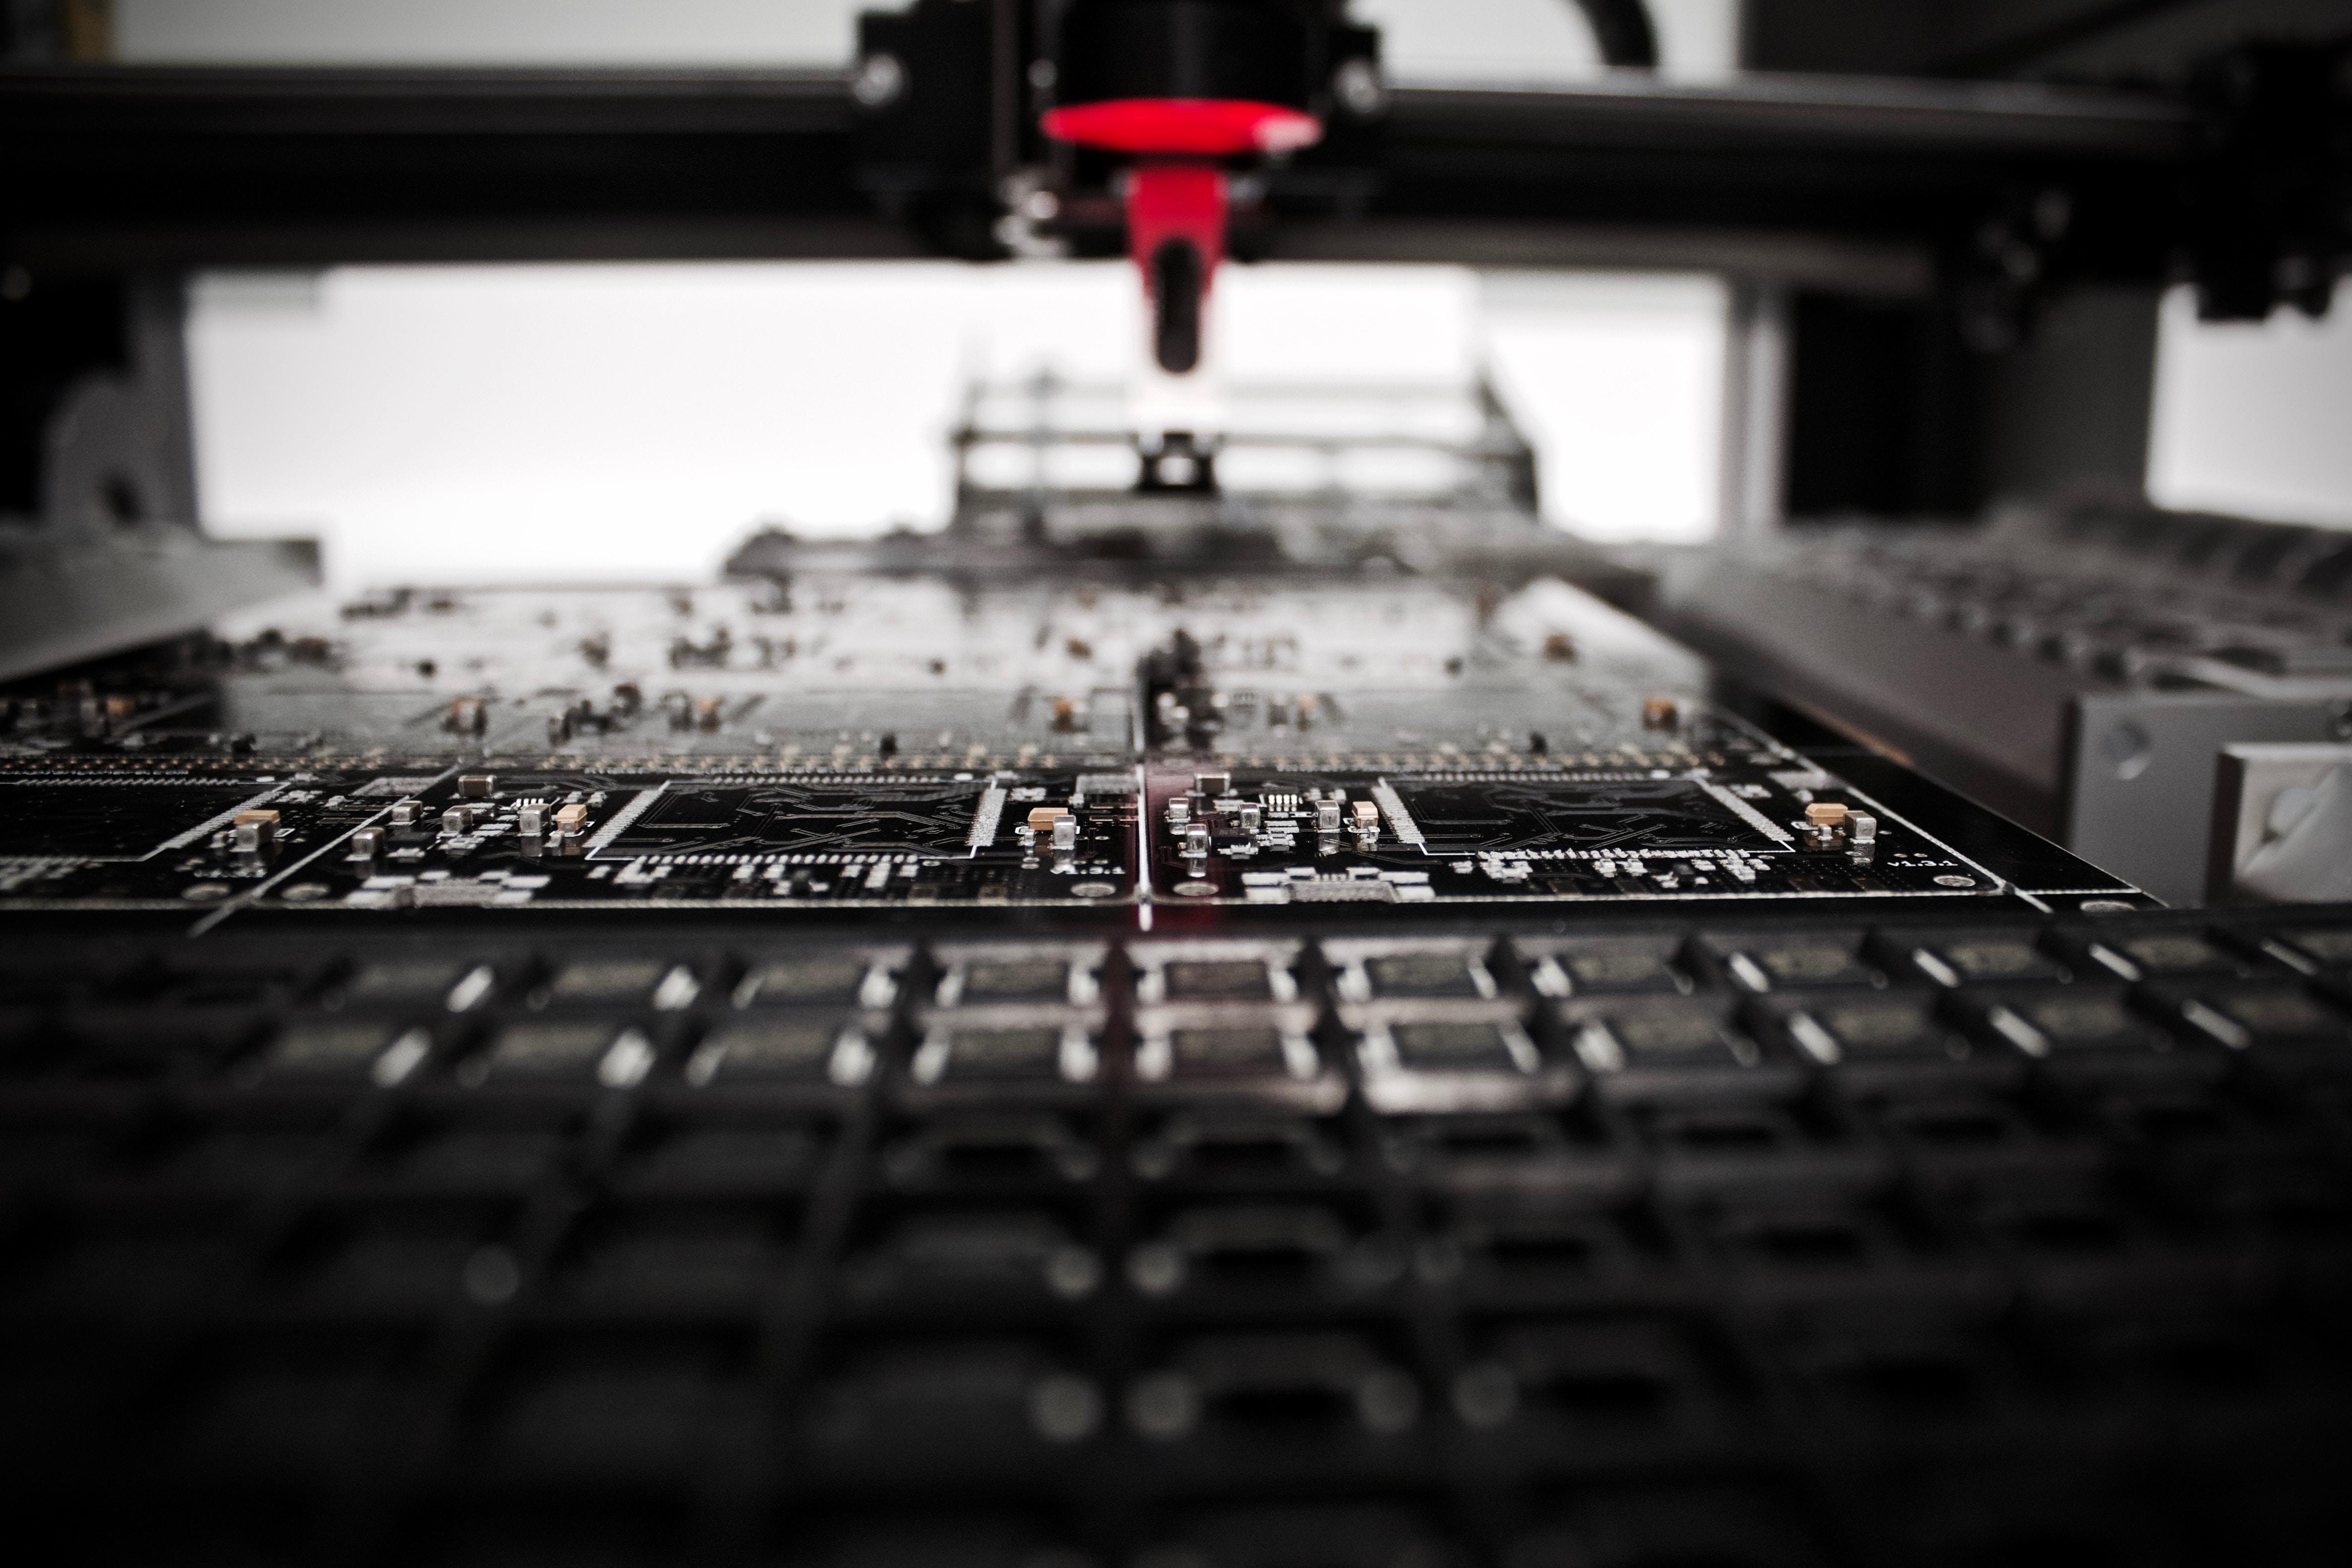 Realizujeme projekt na podporu českého průmyslu